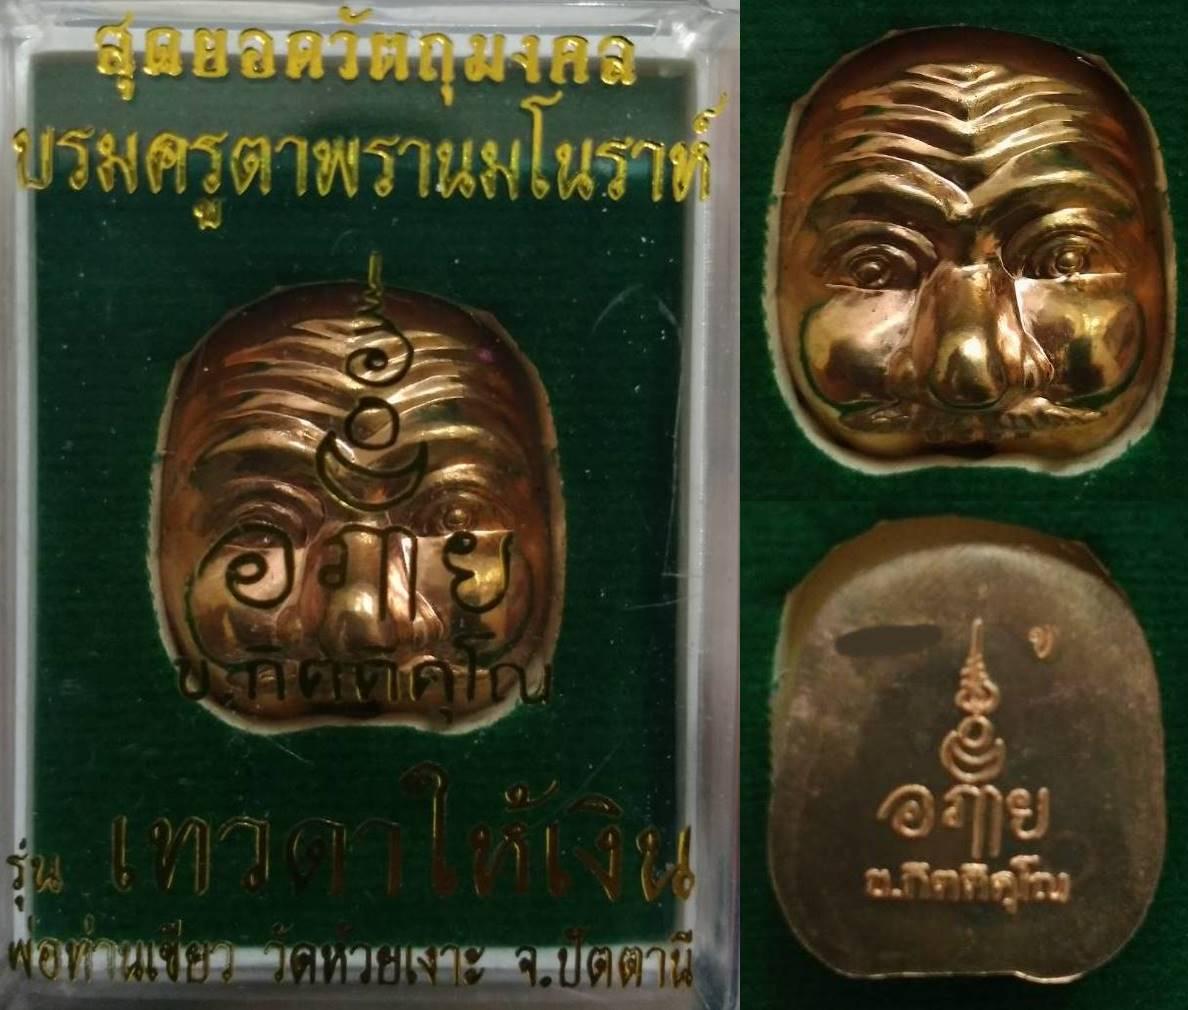 หน้ากากพรานบุญ รุ่นเทวดาให้เงิน เนื้อทองแดง พ่อท่านเขียว วัดห้วยเงาะ 2558